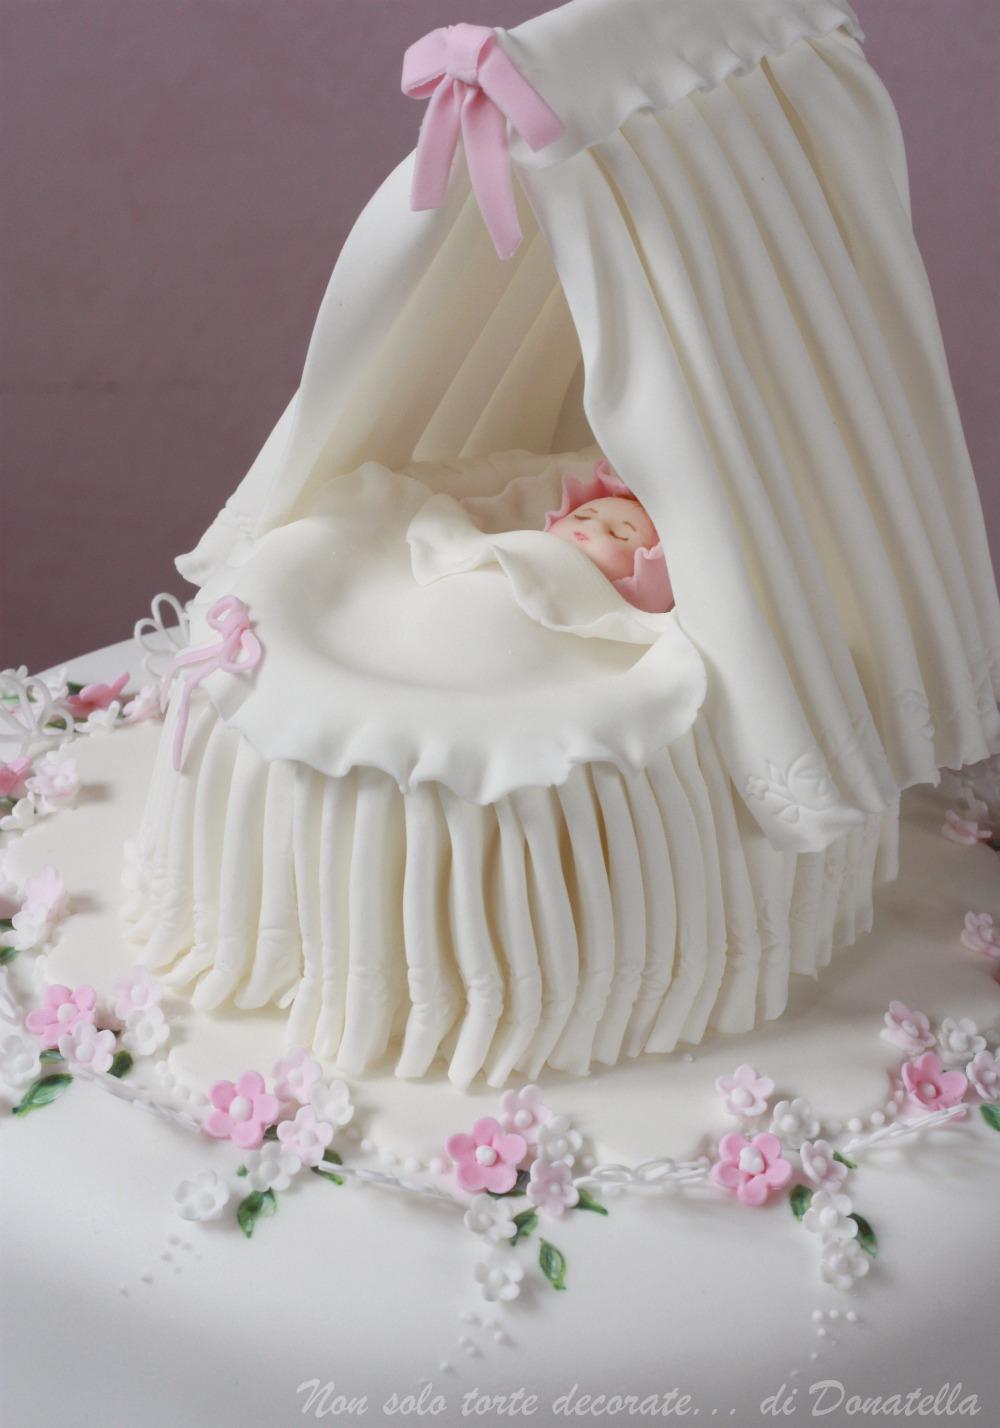 Très La nascita di tuo figlio, da condividere il felice evento con….. HM45